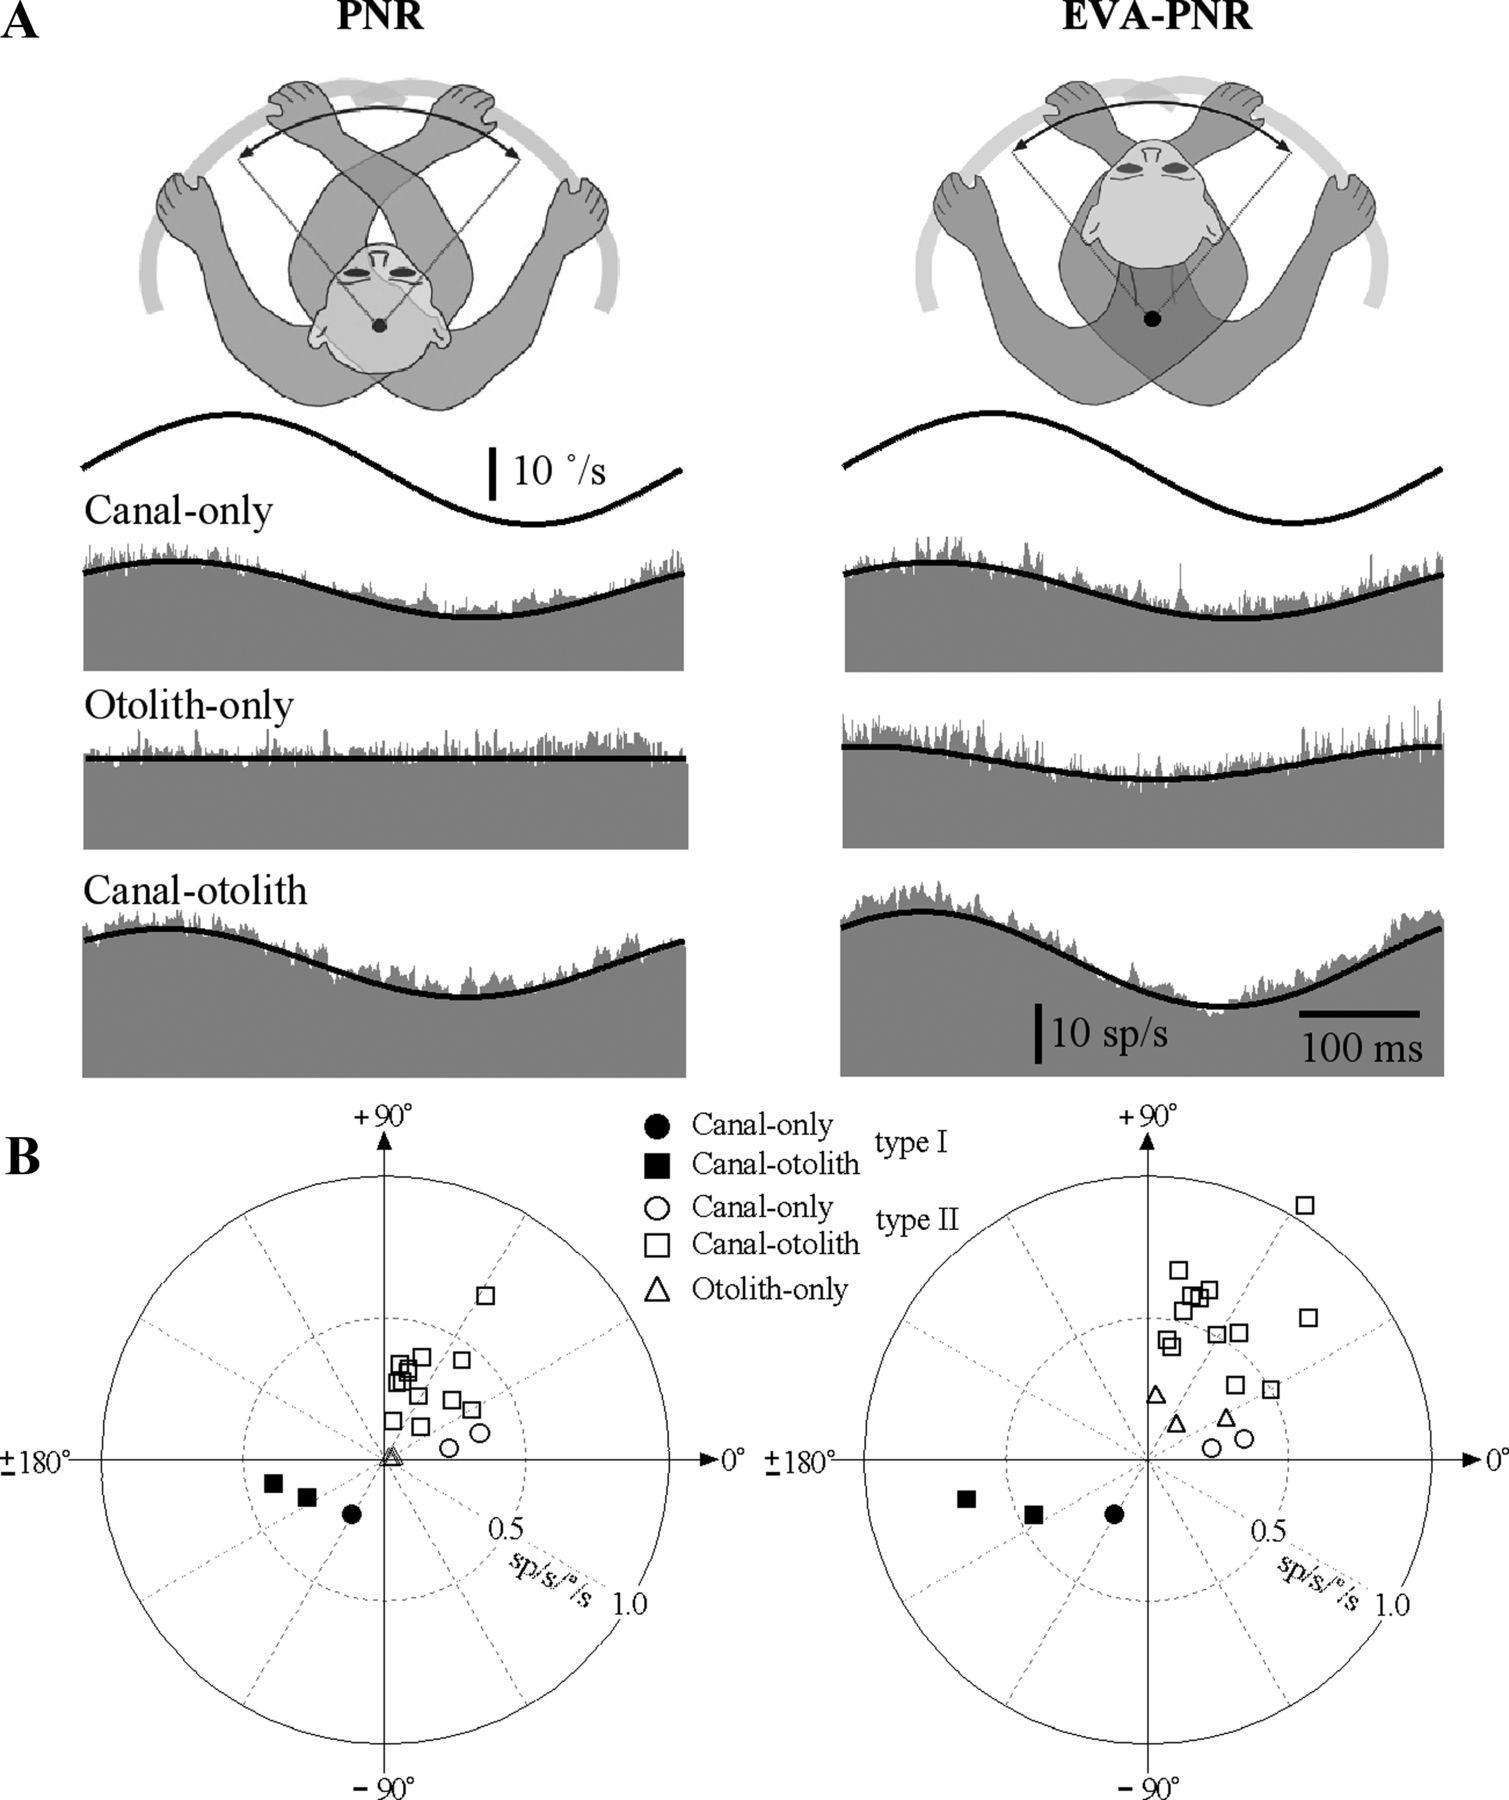 Convergence of Vestibular and Neck Proprioceptive Sensory